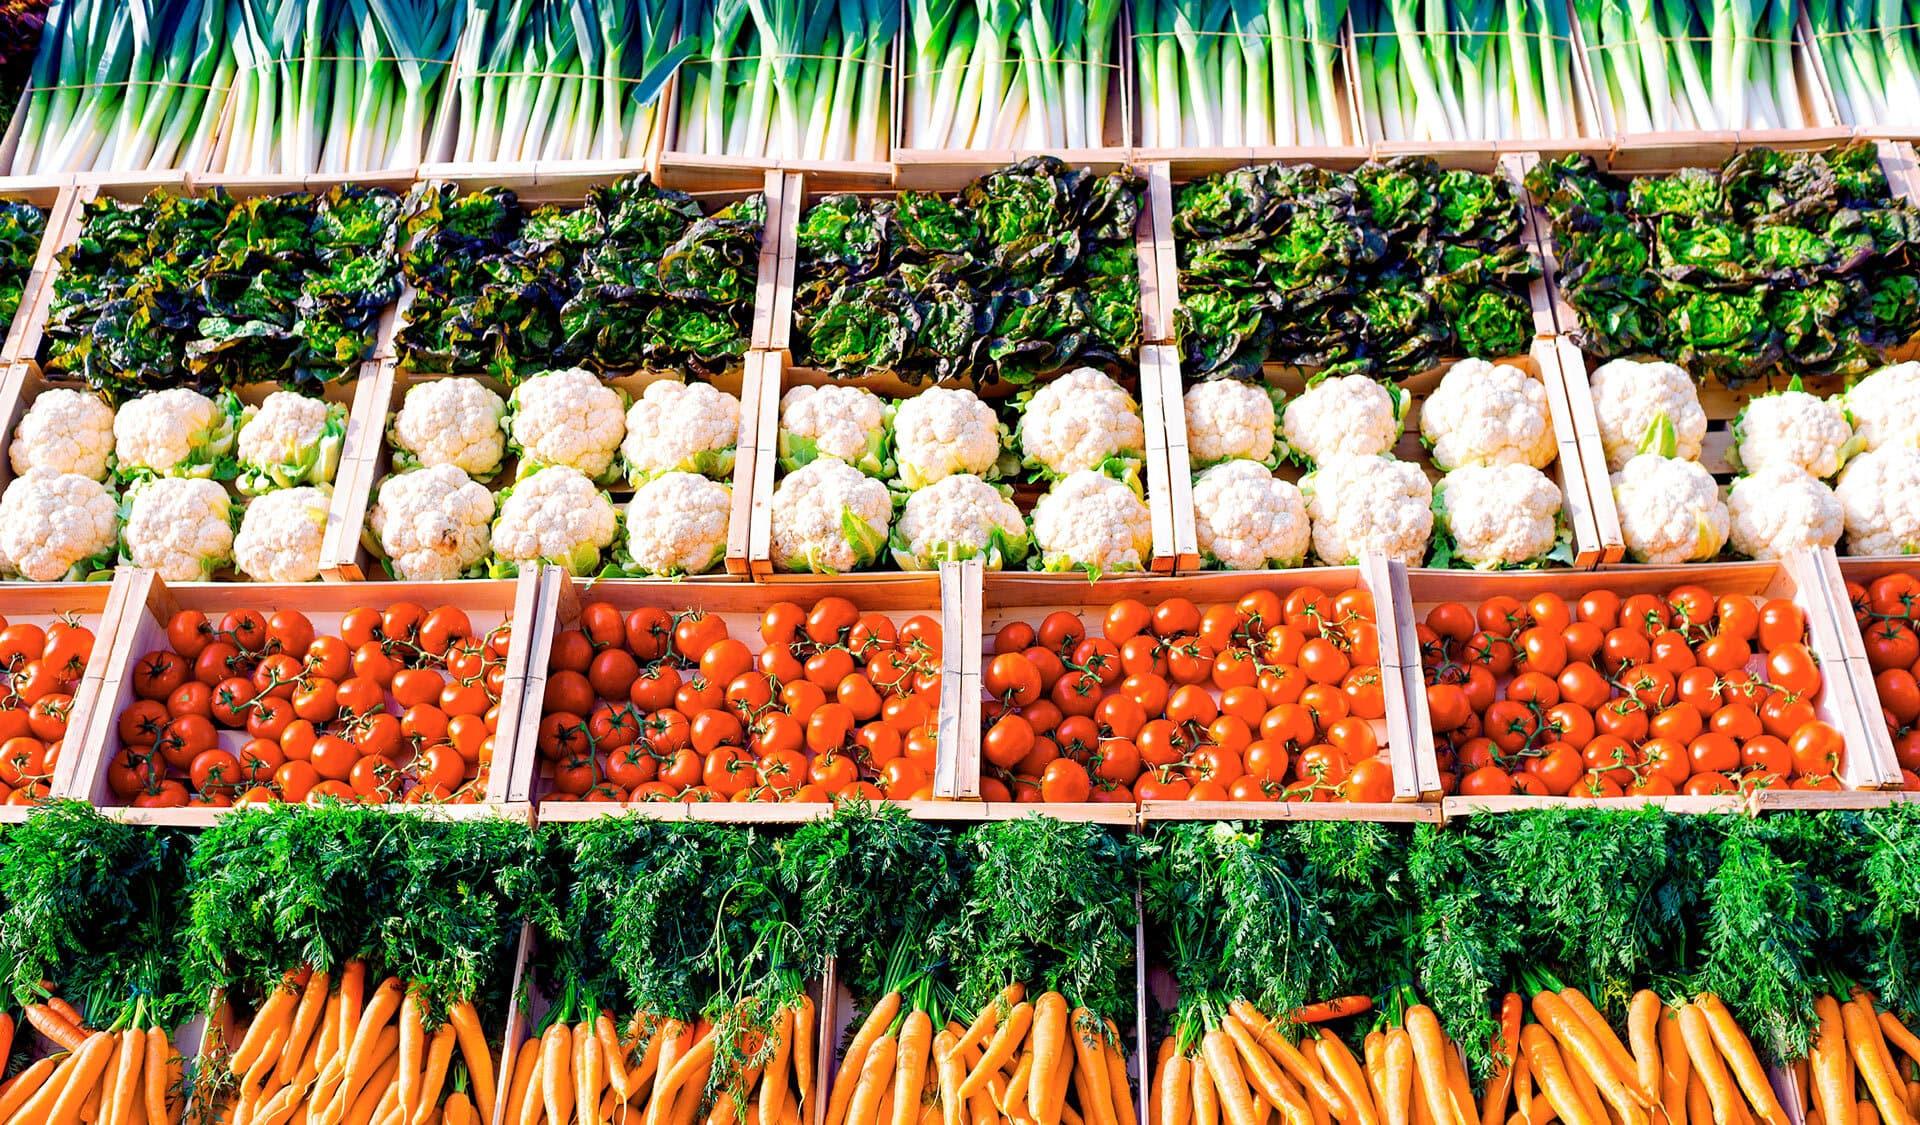 Makellose Tomaten, Blumenkohlköpfe und Möhren im Gemüseregal